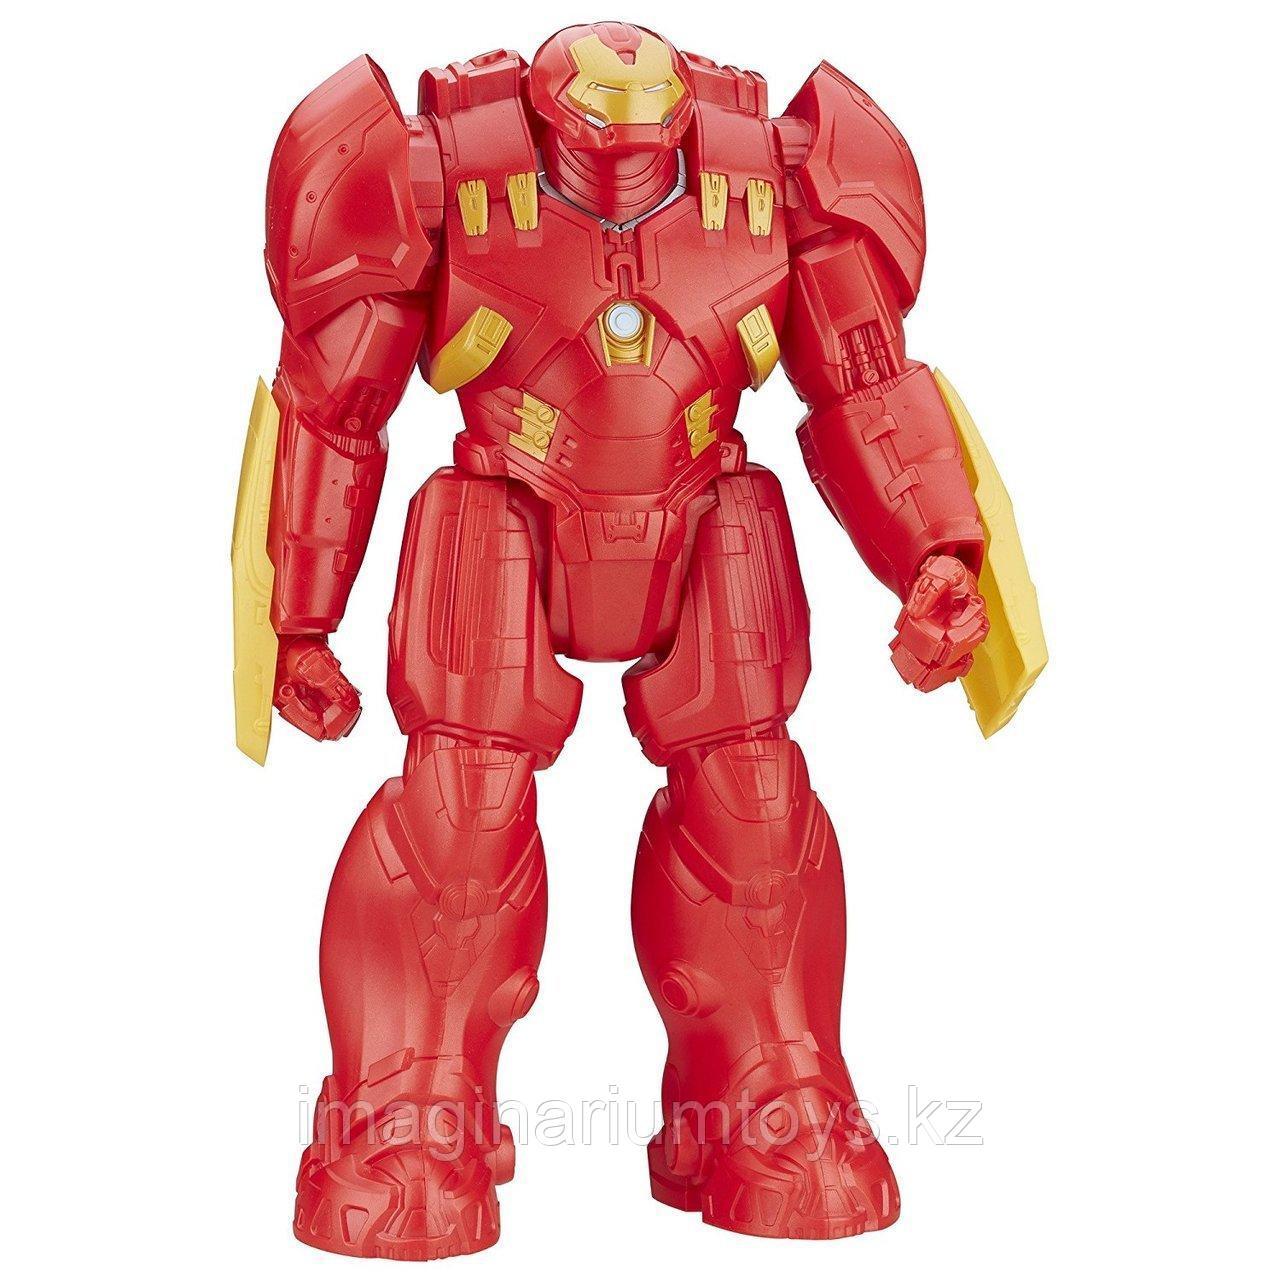 Халкбастер фигурка 30 см Hasbro